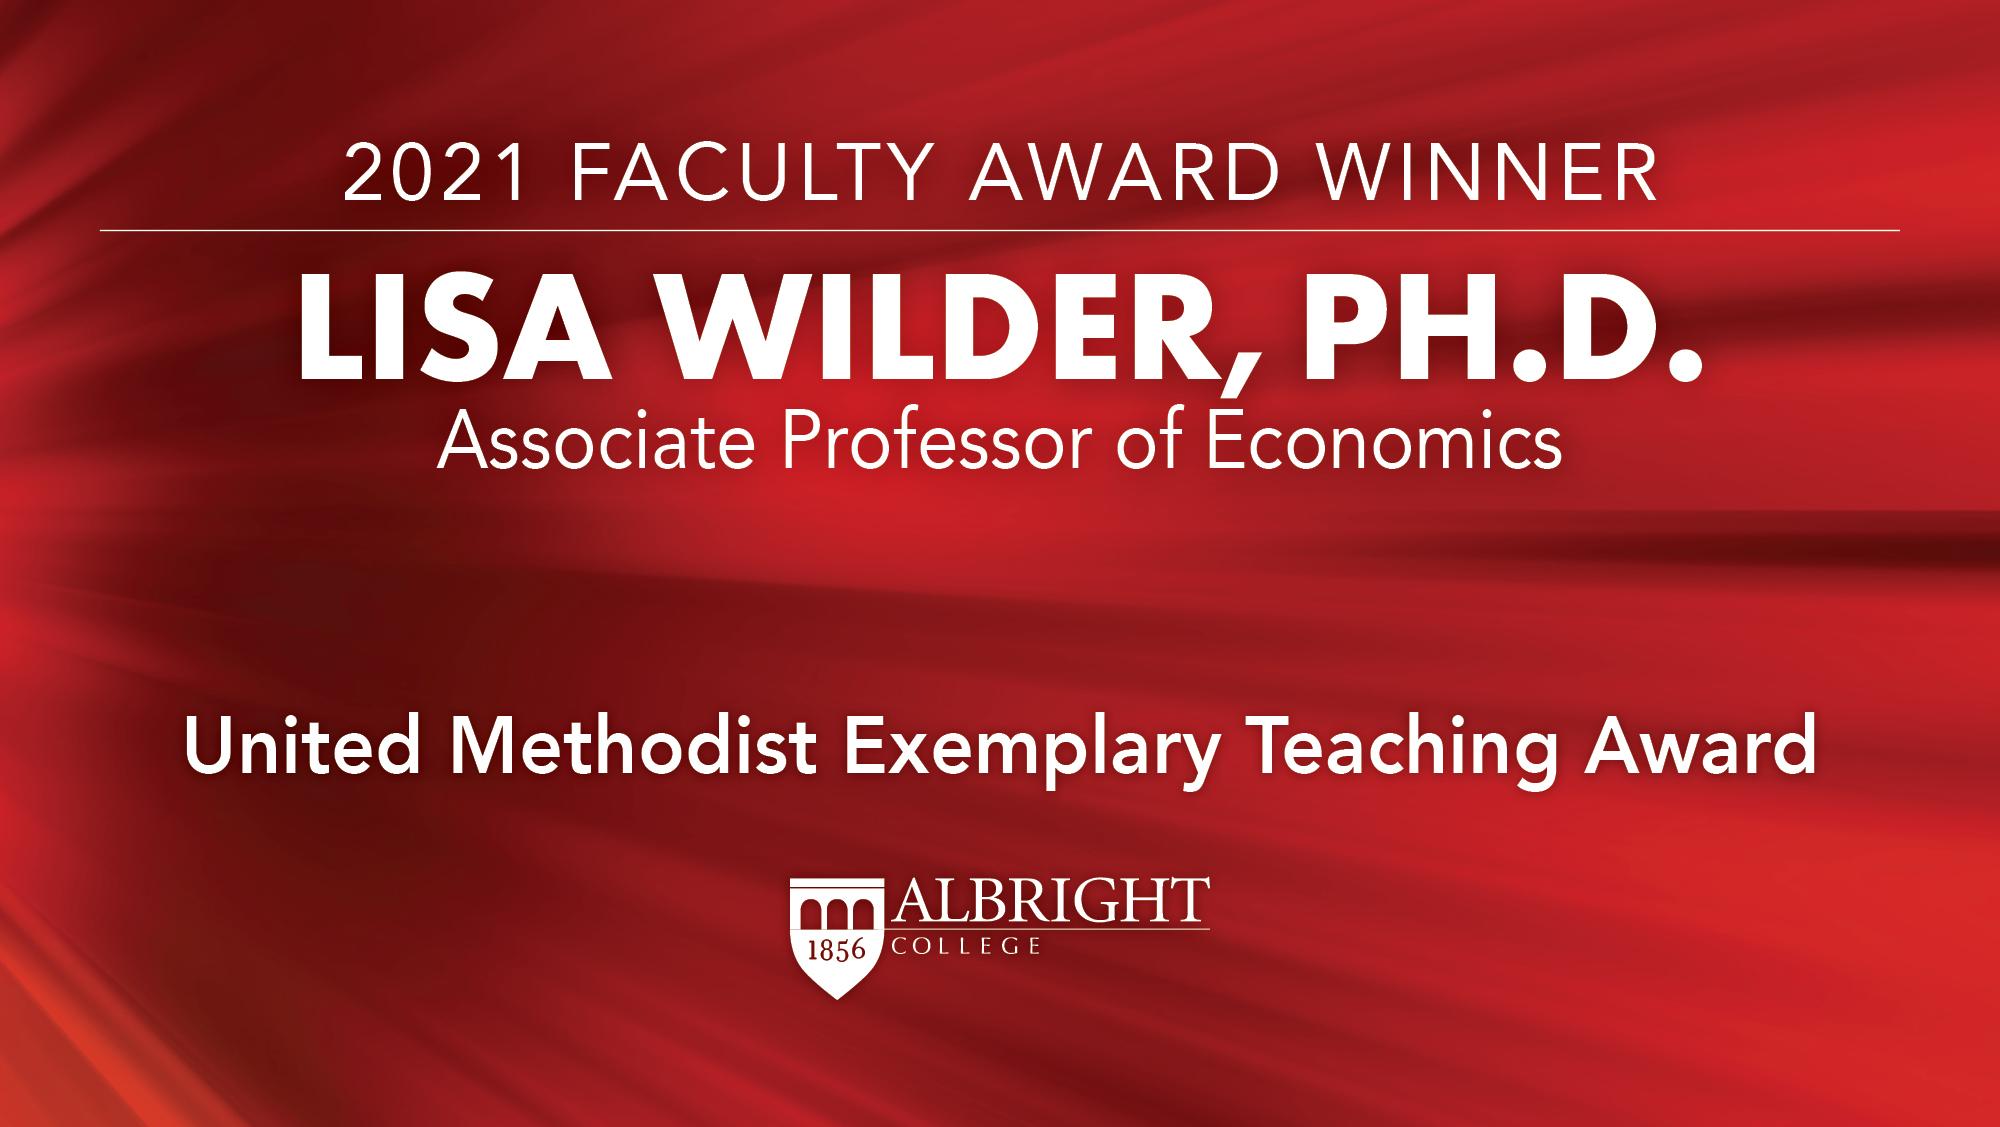 Lisa Wilder, Ph.D.